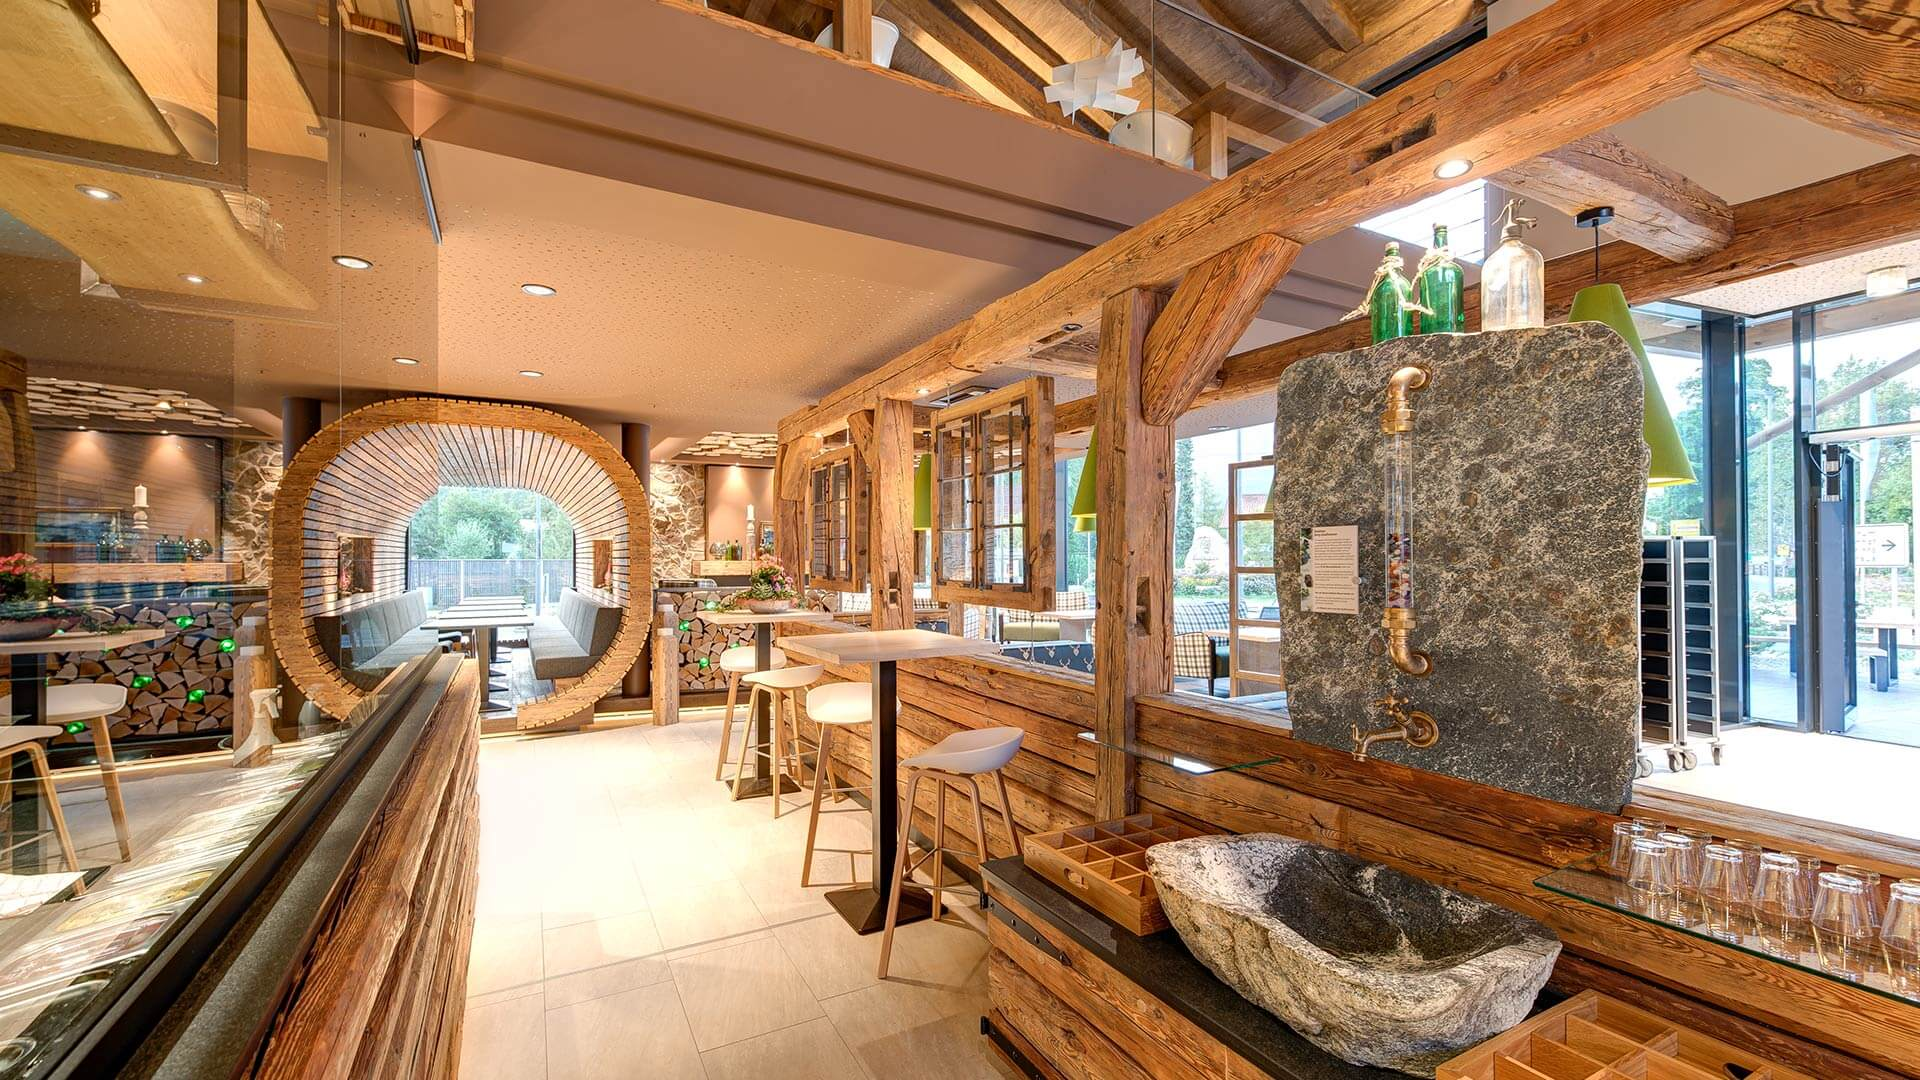 Bäckerei Schuhbeck Brotladen Ruhpolding (3)